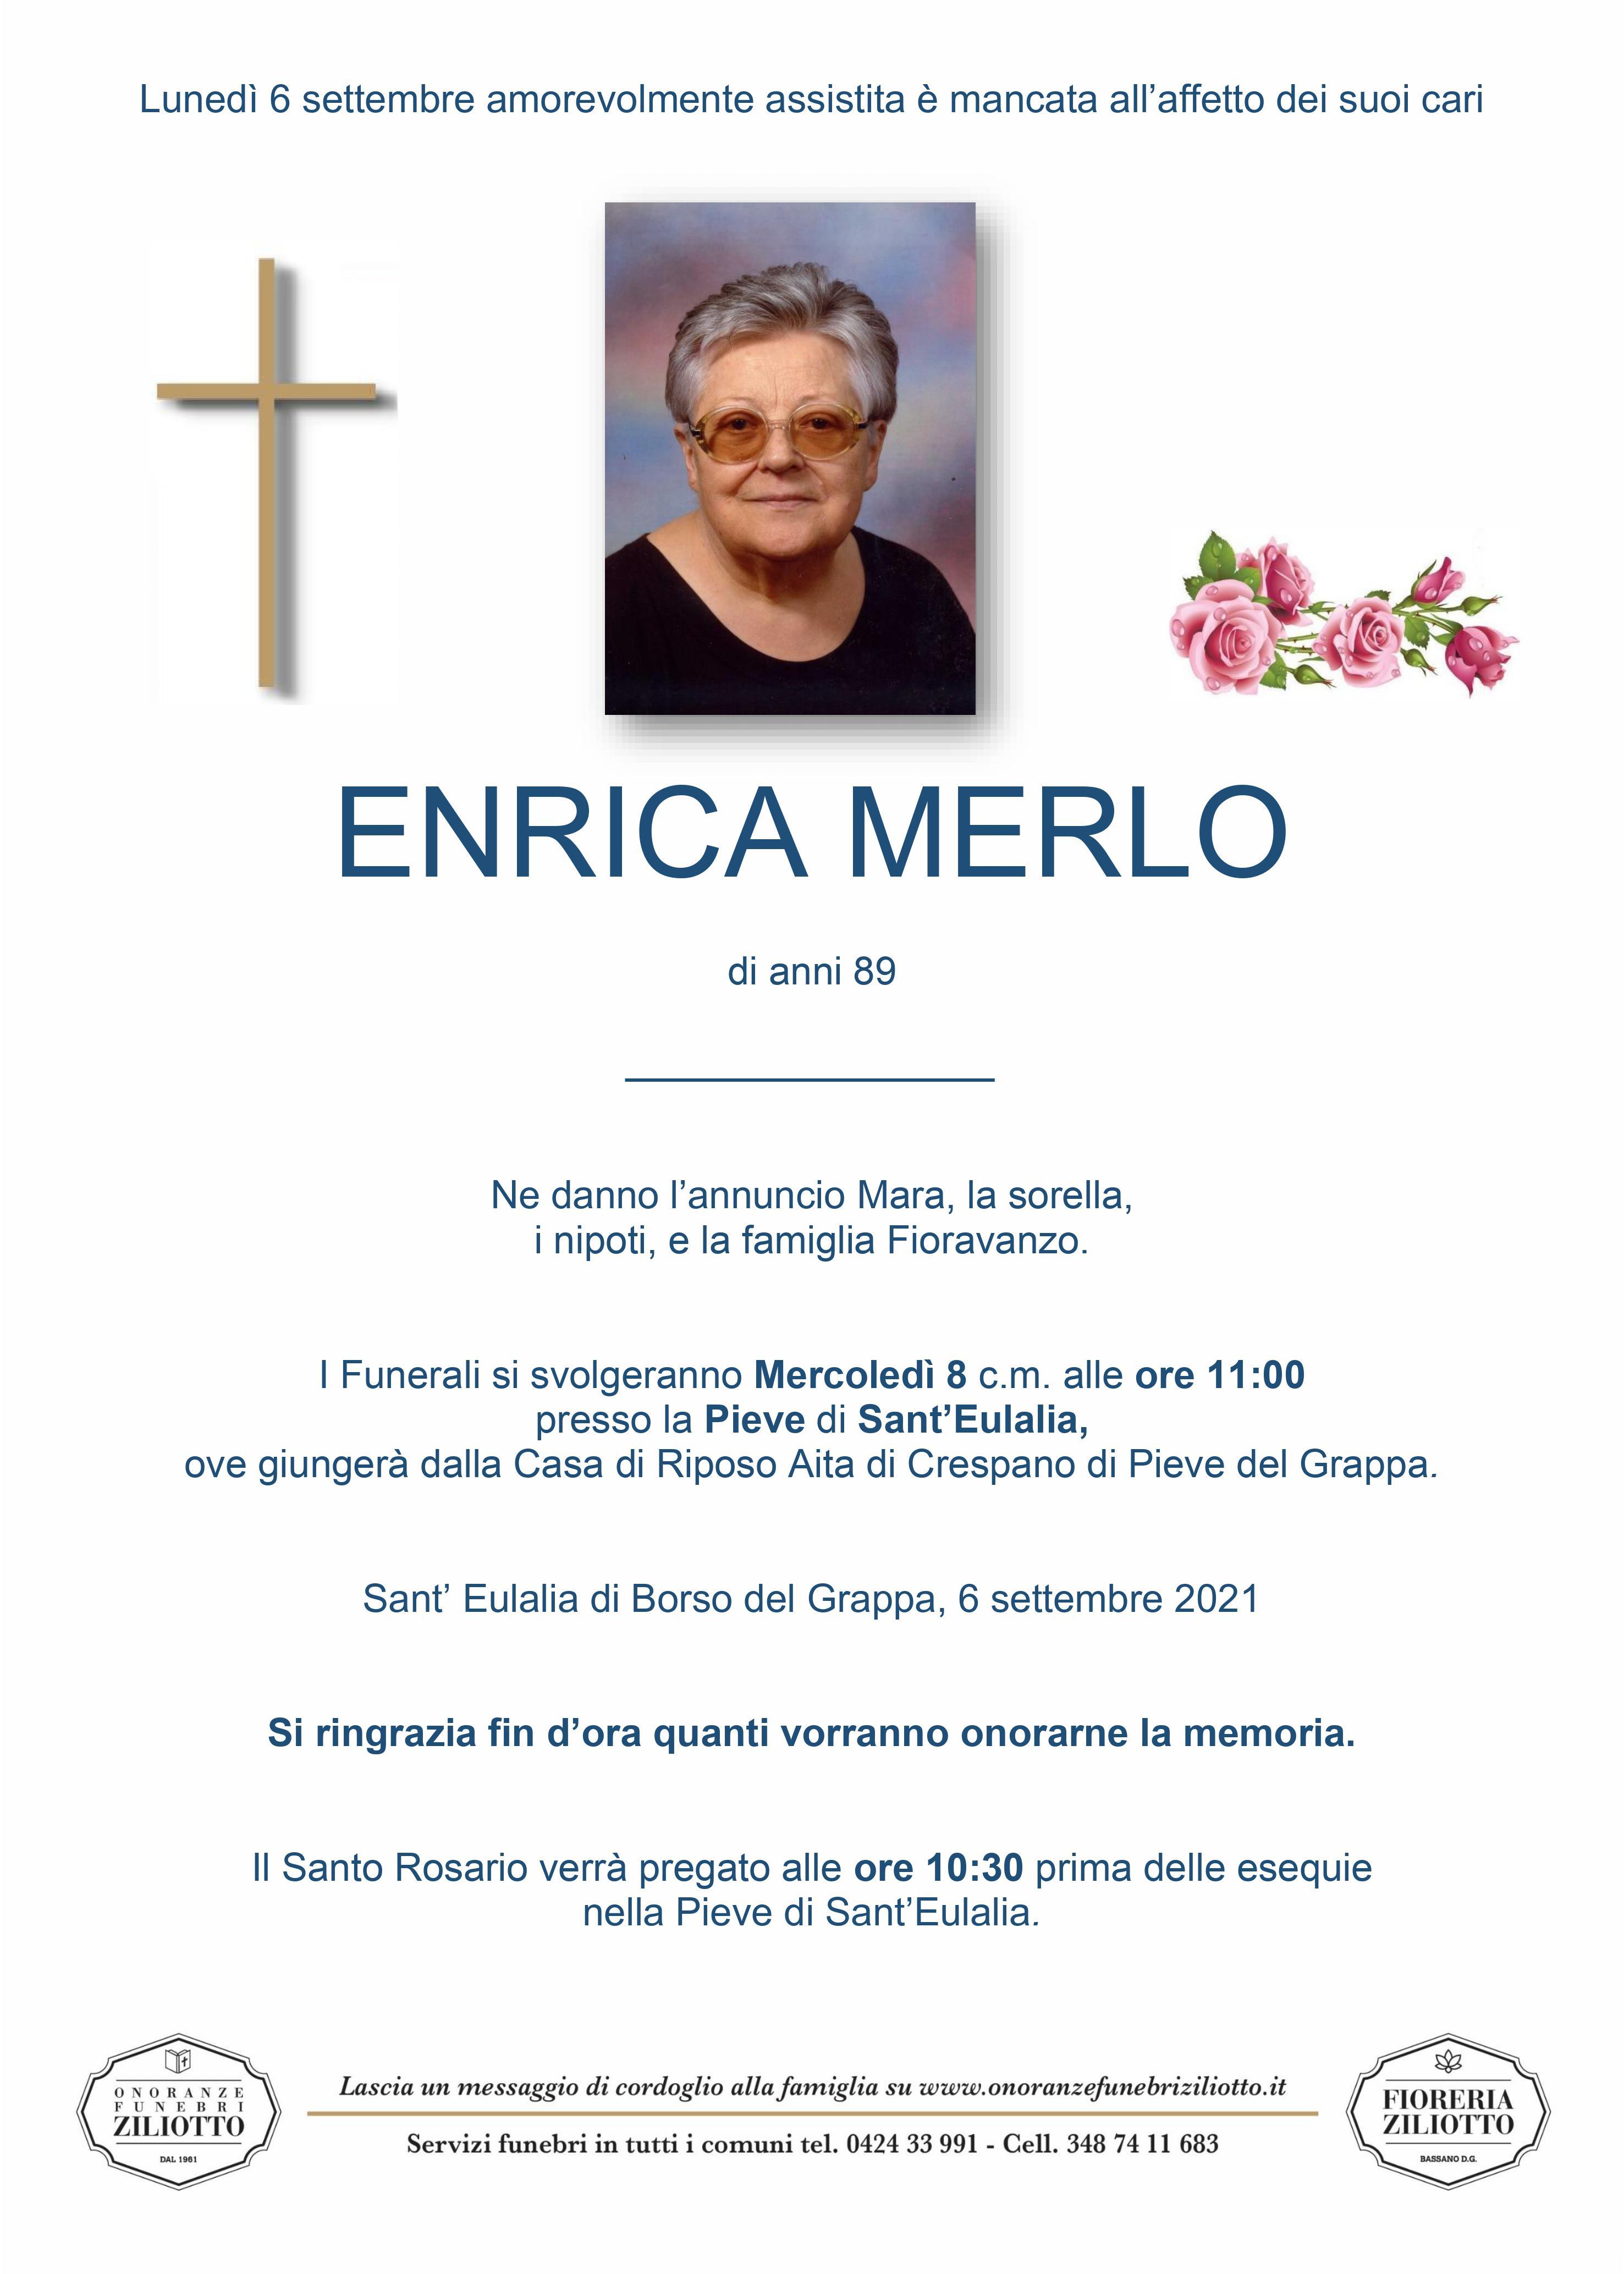 Enrica Merlo - 89 anni - Borso del Grappa